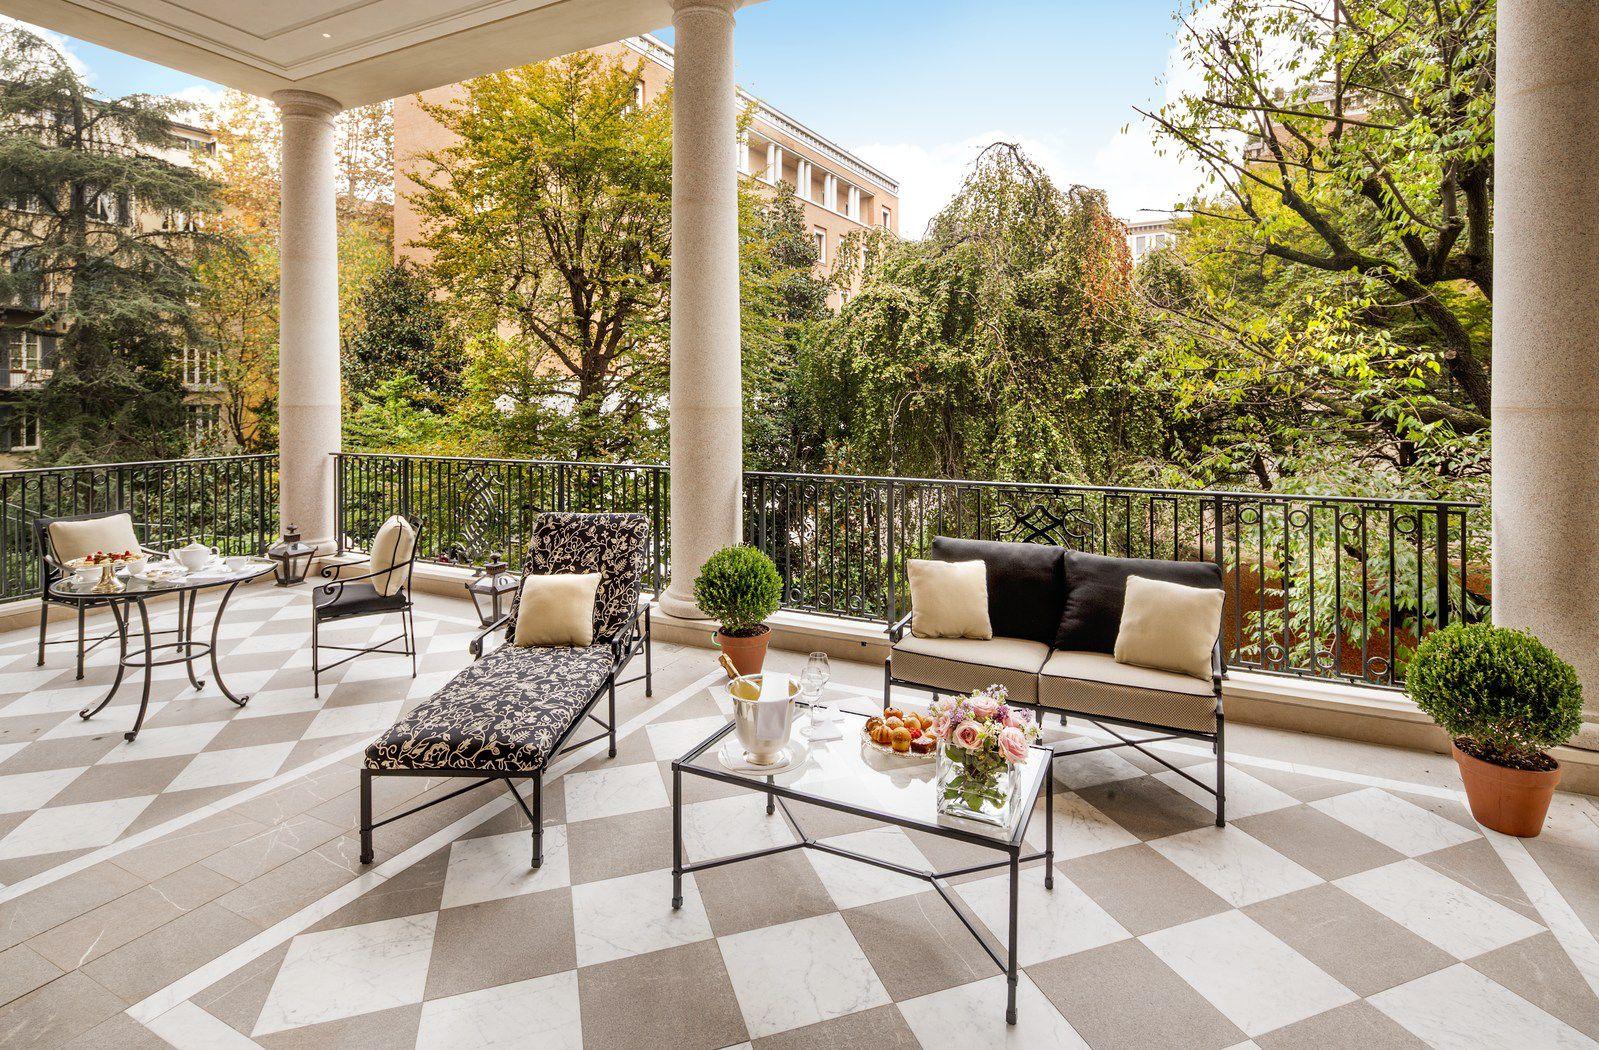 Case Con Terrazzo Roma parigi appartamenti case acquisto vendita